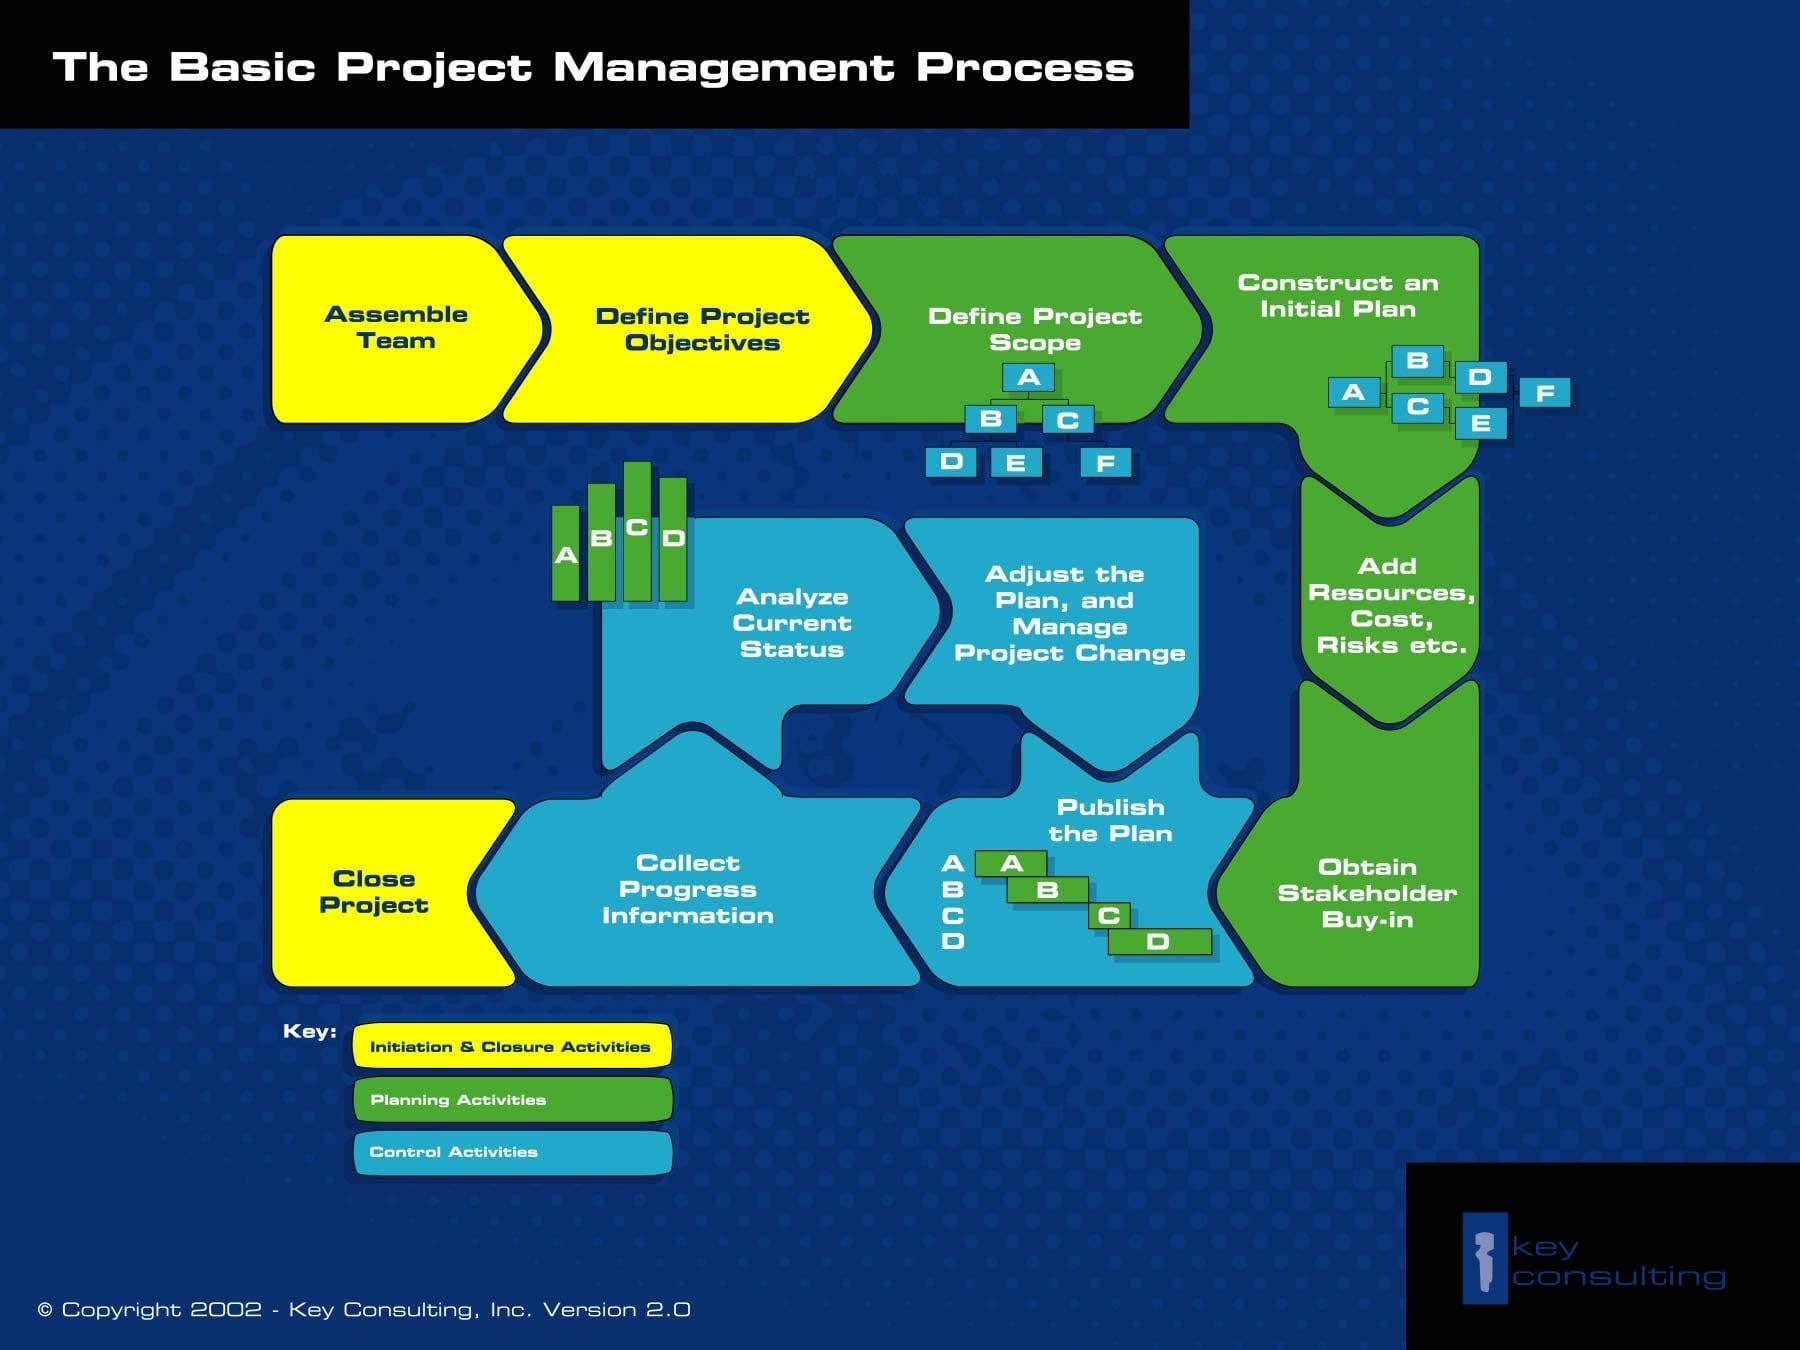 Basic Project Management Process Diagram